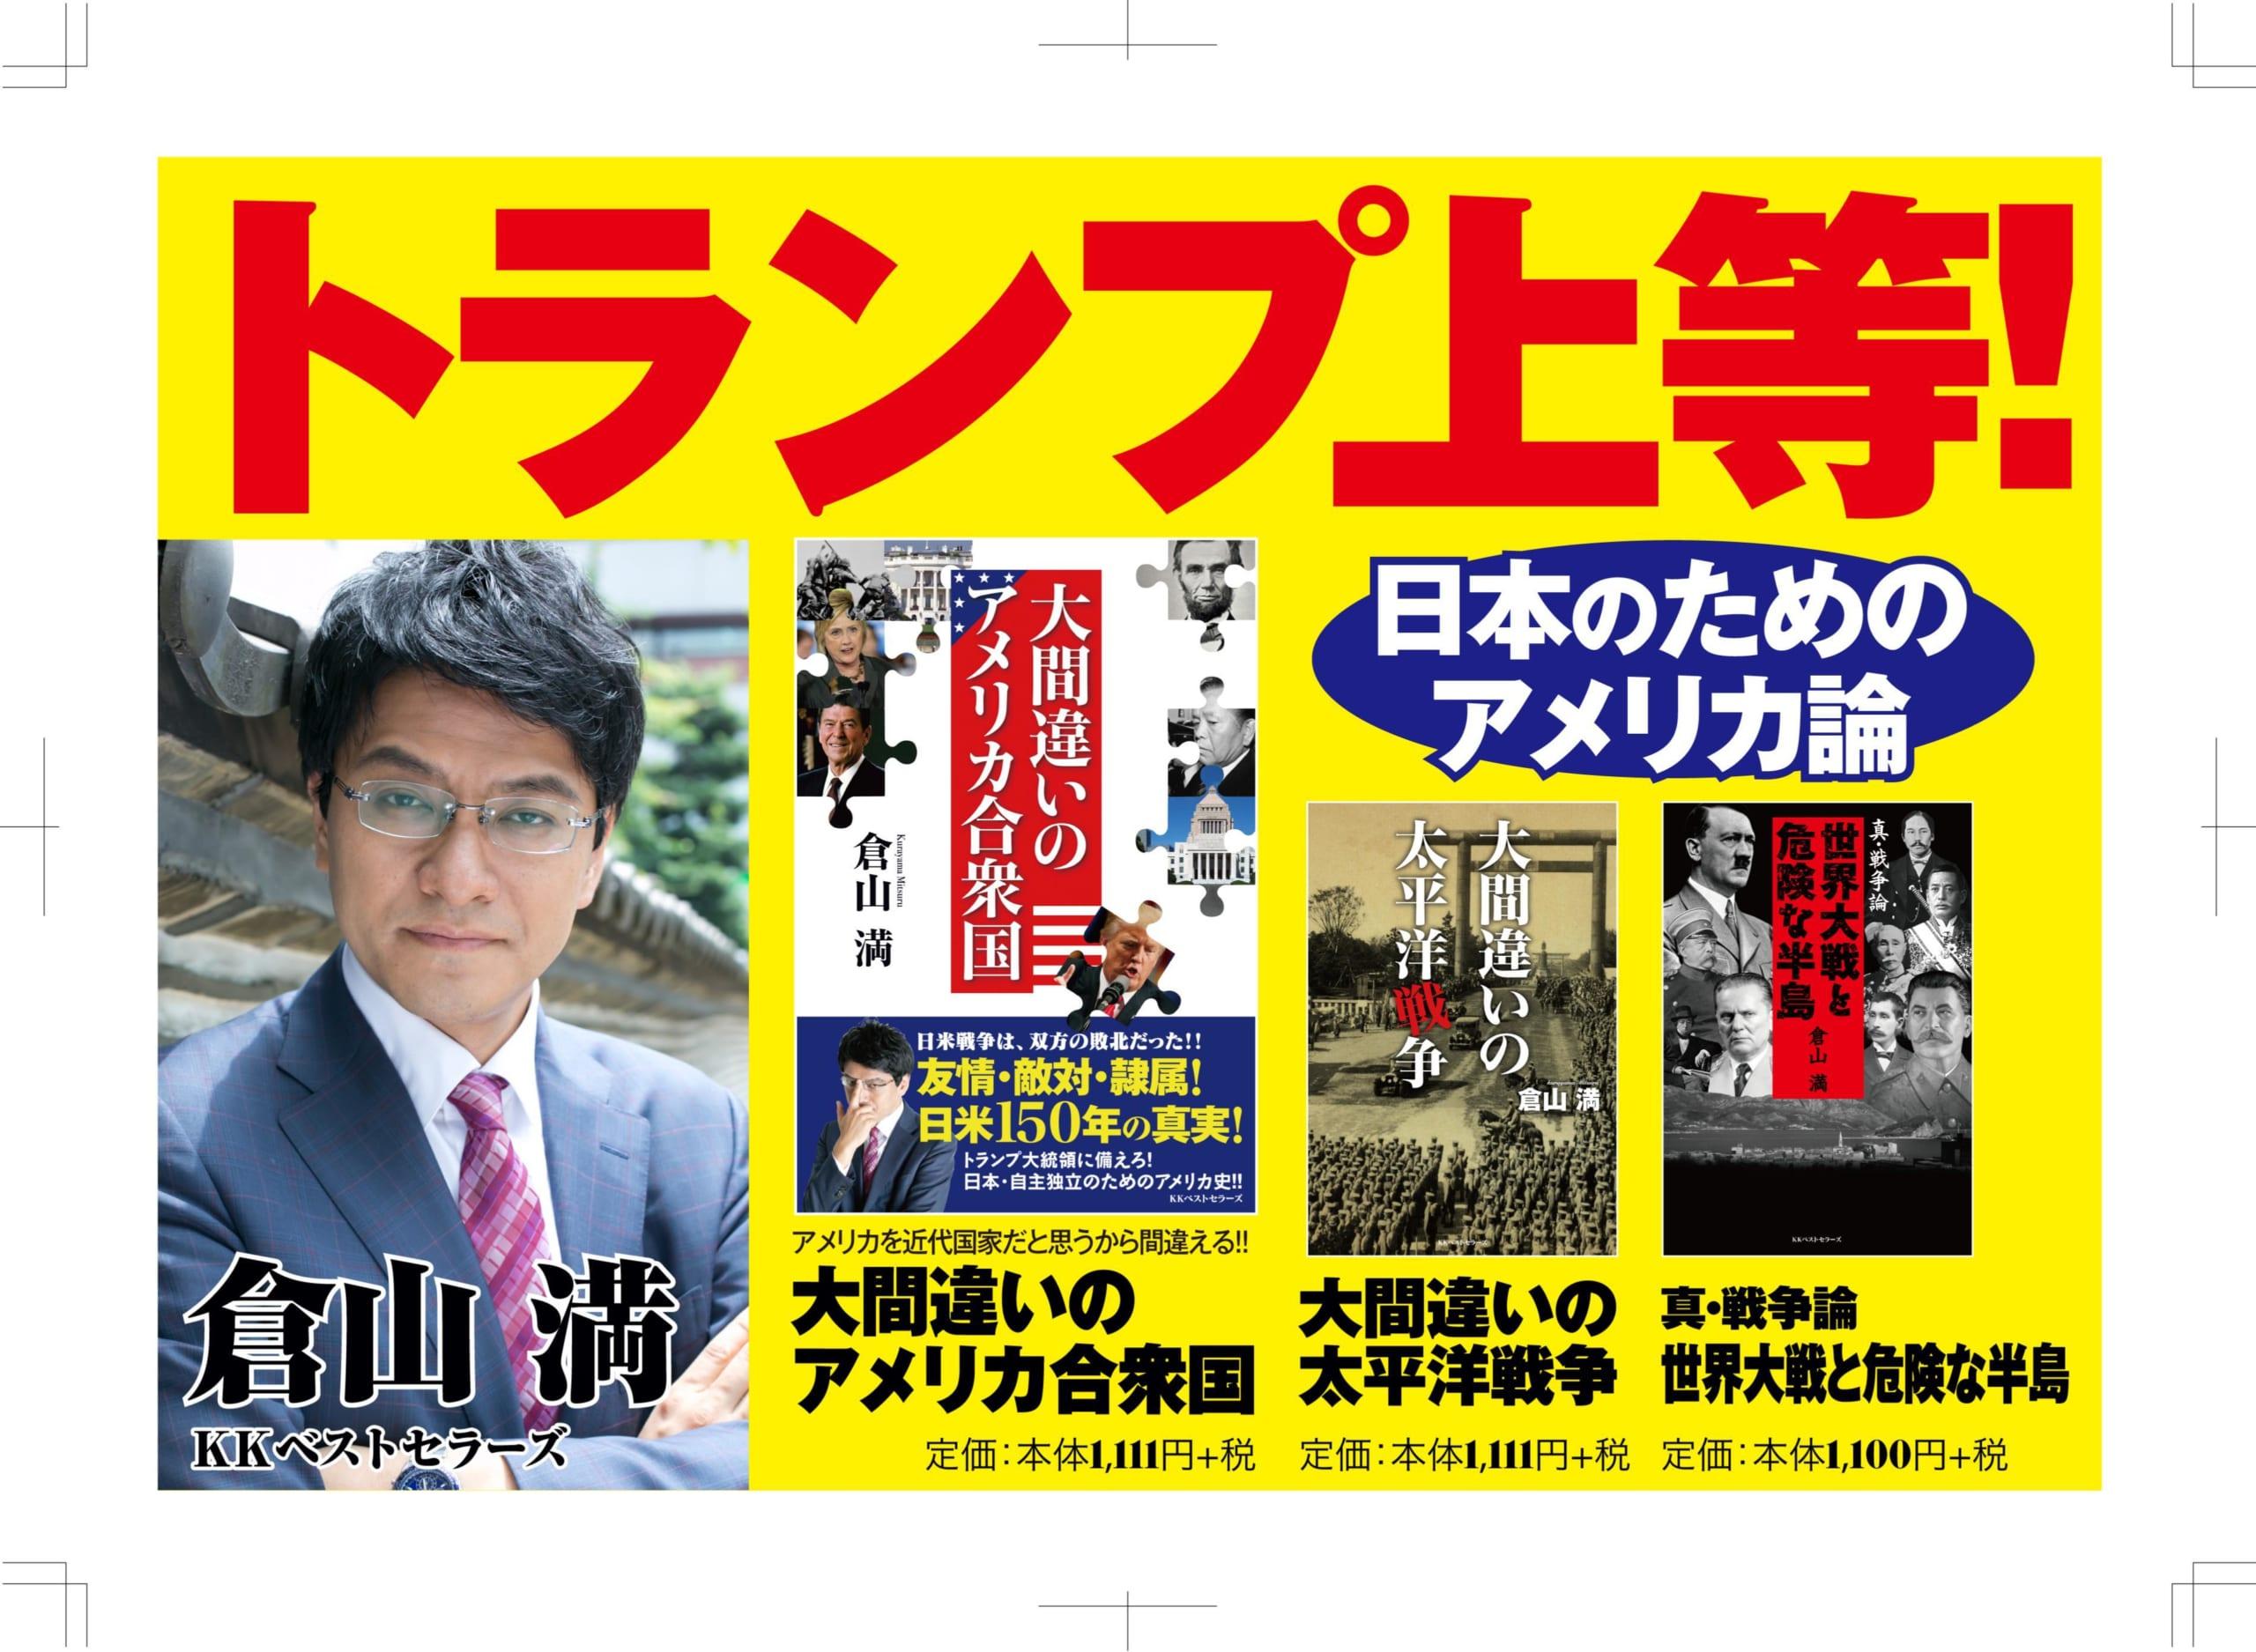 「いまこそ日米の保守派が手を結ぶチャンス!」<br />倉山満『大間違いのアメリカ合衆国』刊行記念スペシャル動画配信中<br />